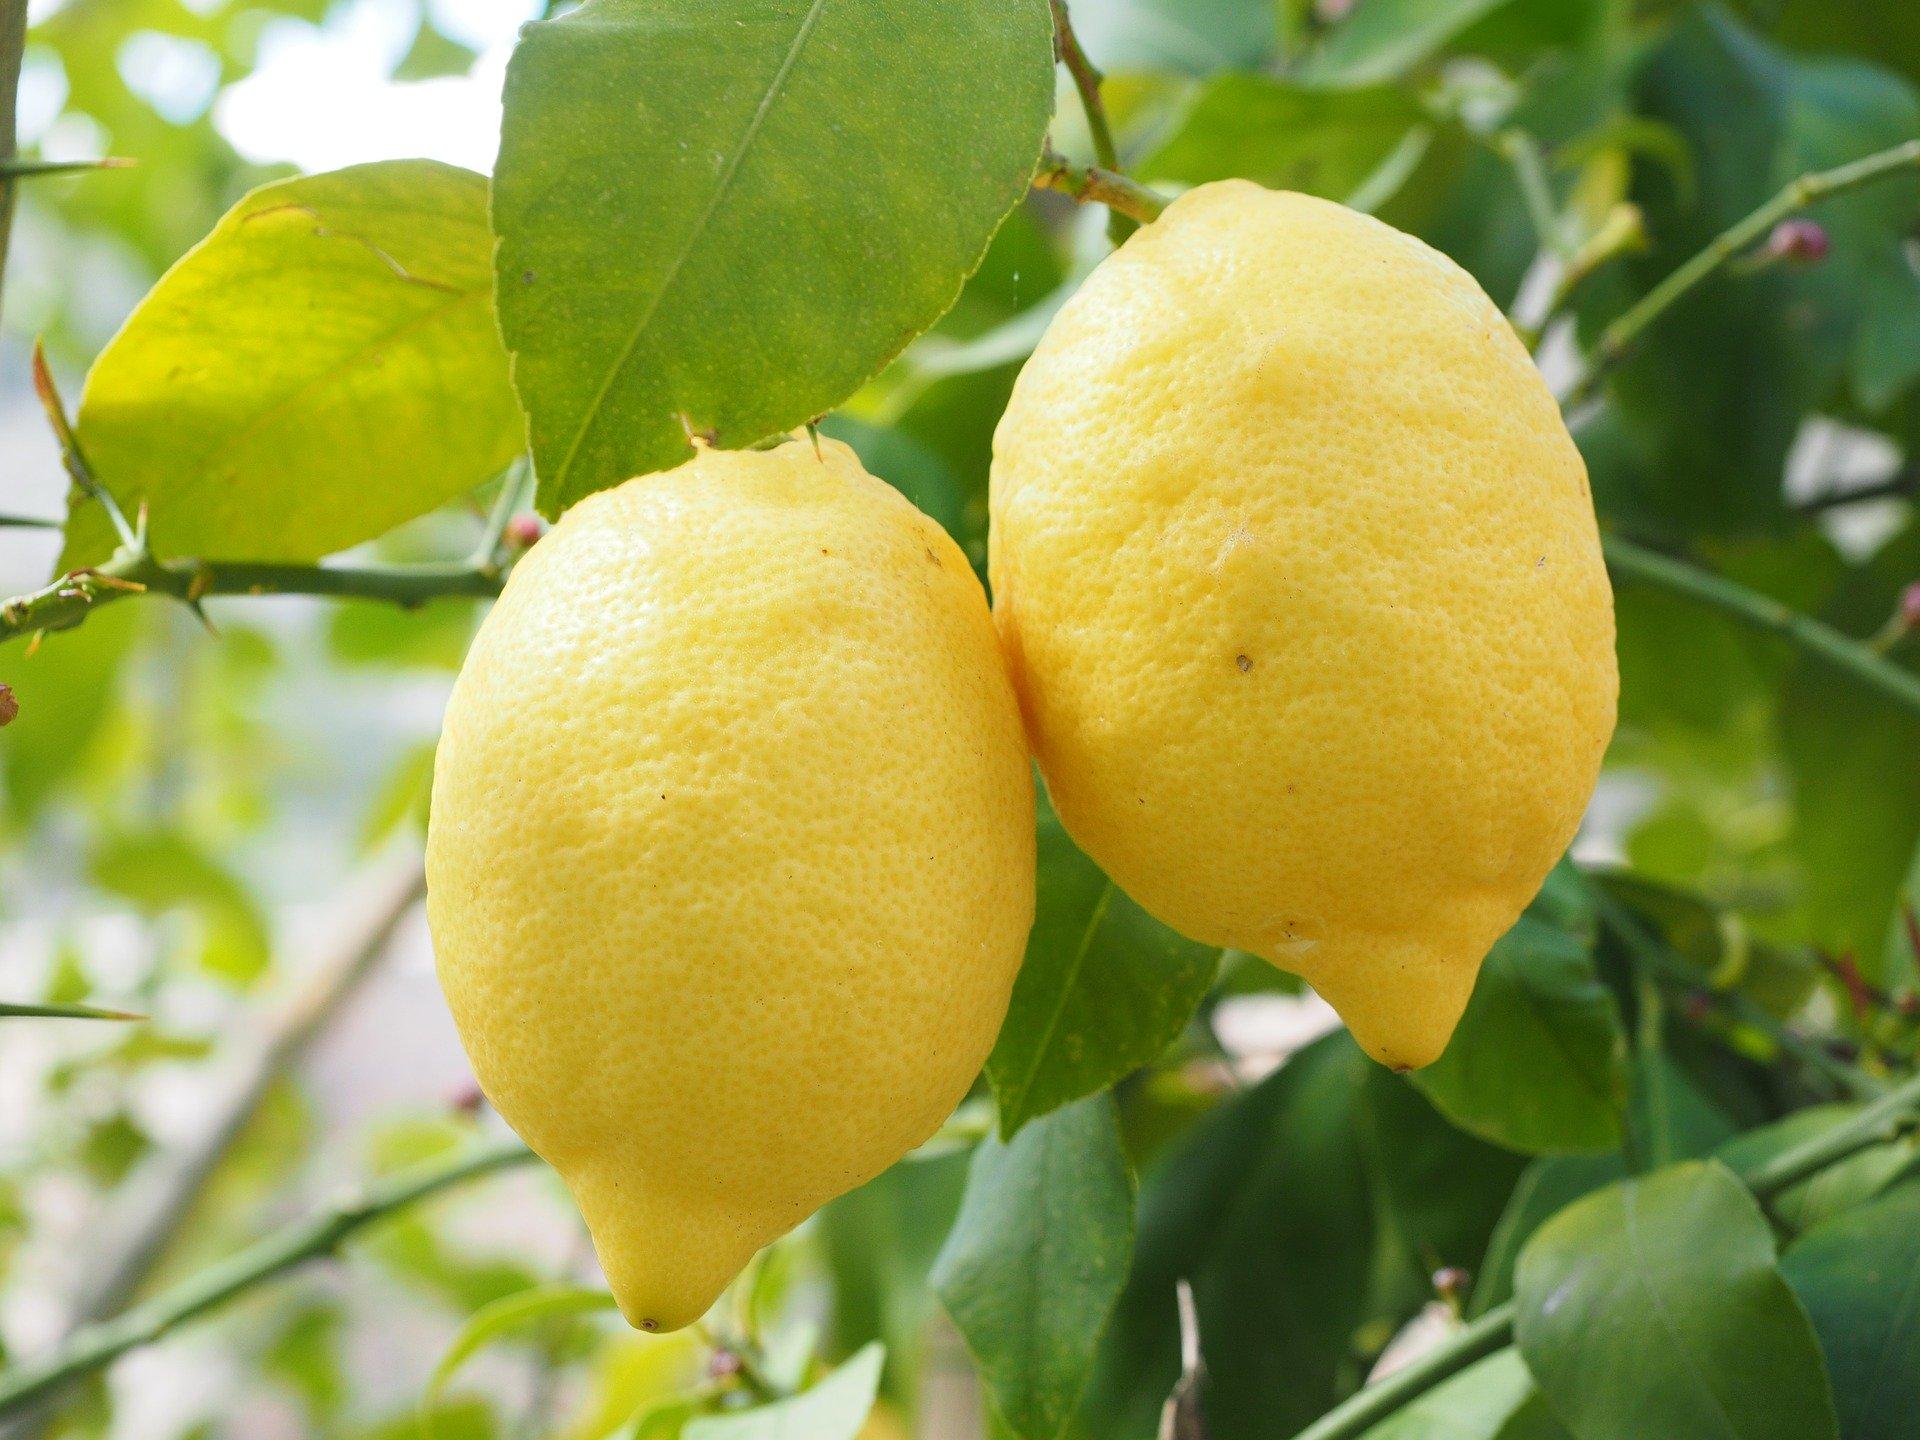 Recipe for Limoncello